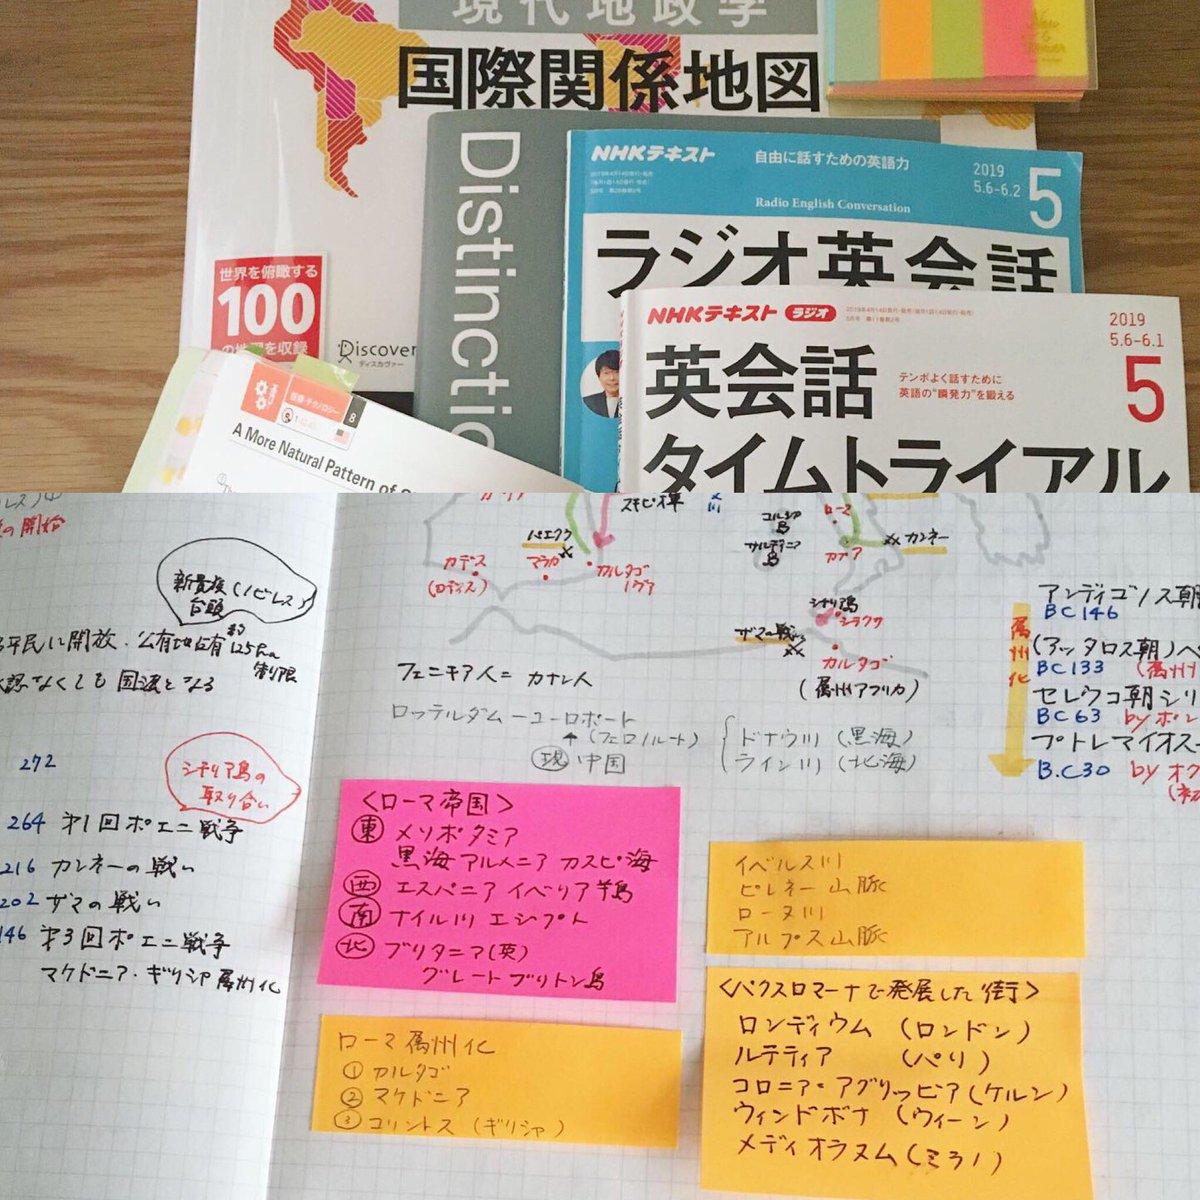 ここ4、5日の #昼勉部 をまとめた1枚(笑)2歳違い…の一言が、とっさに出てこなかった(^^;; 侮れない英会話タイムトライアル。#ラジオ英会話 は、ストリーミングで、日→英を。テキスト後ろのbonus practiceがスラスラ出るまで練習。単語はatsuさんのdistinction を。世界史は講義のノートまとめ